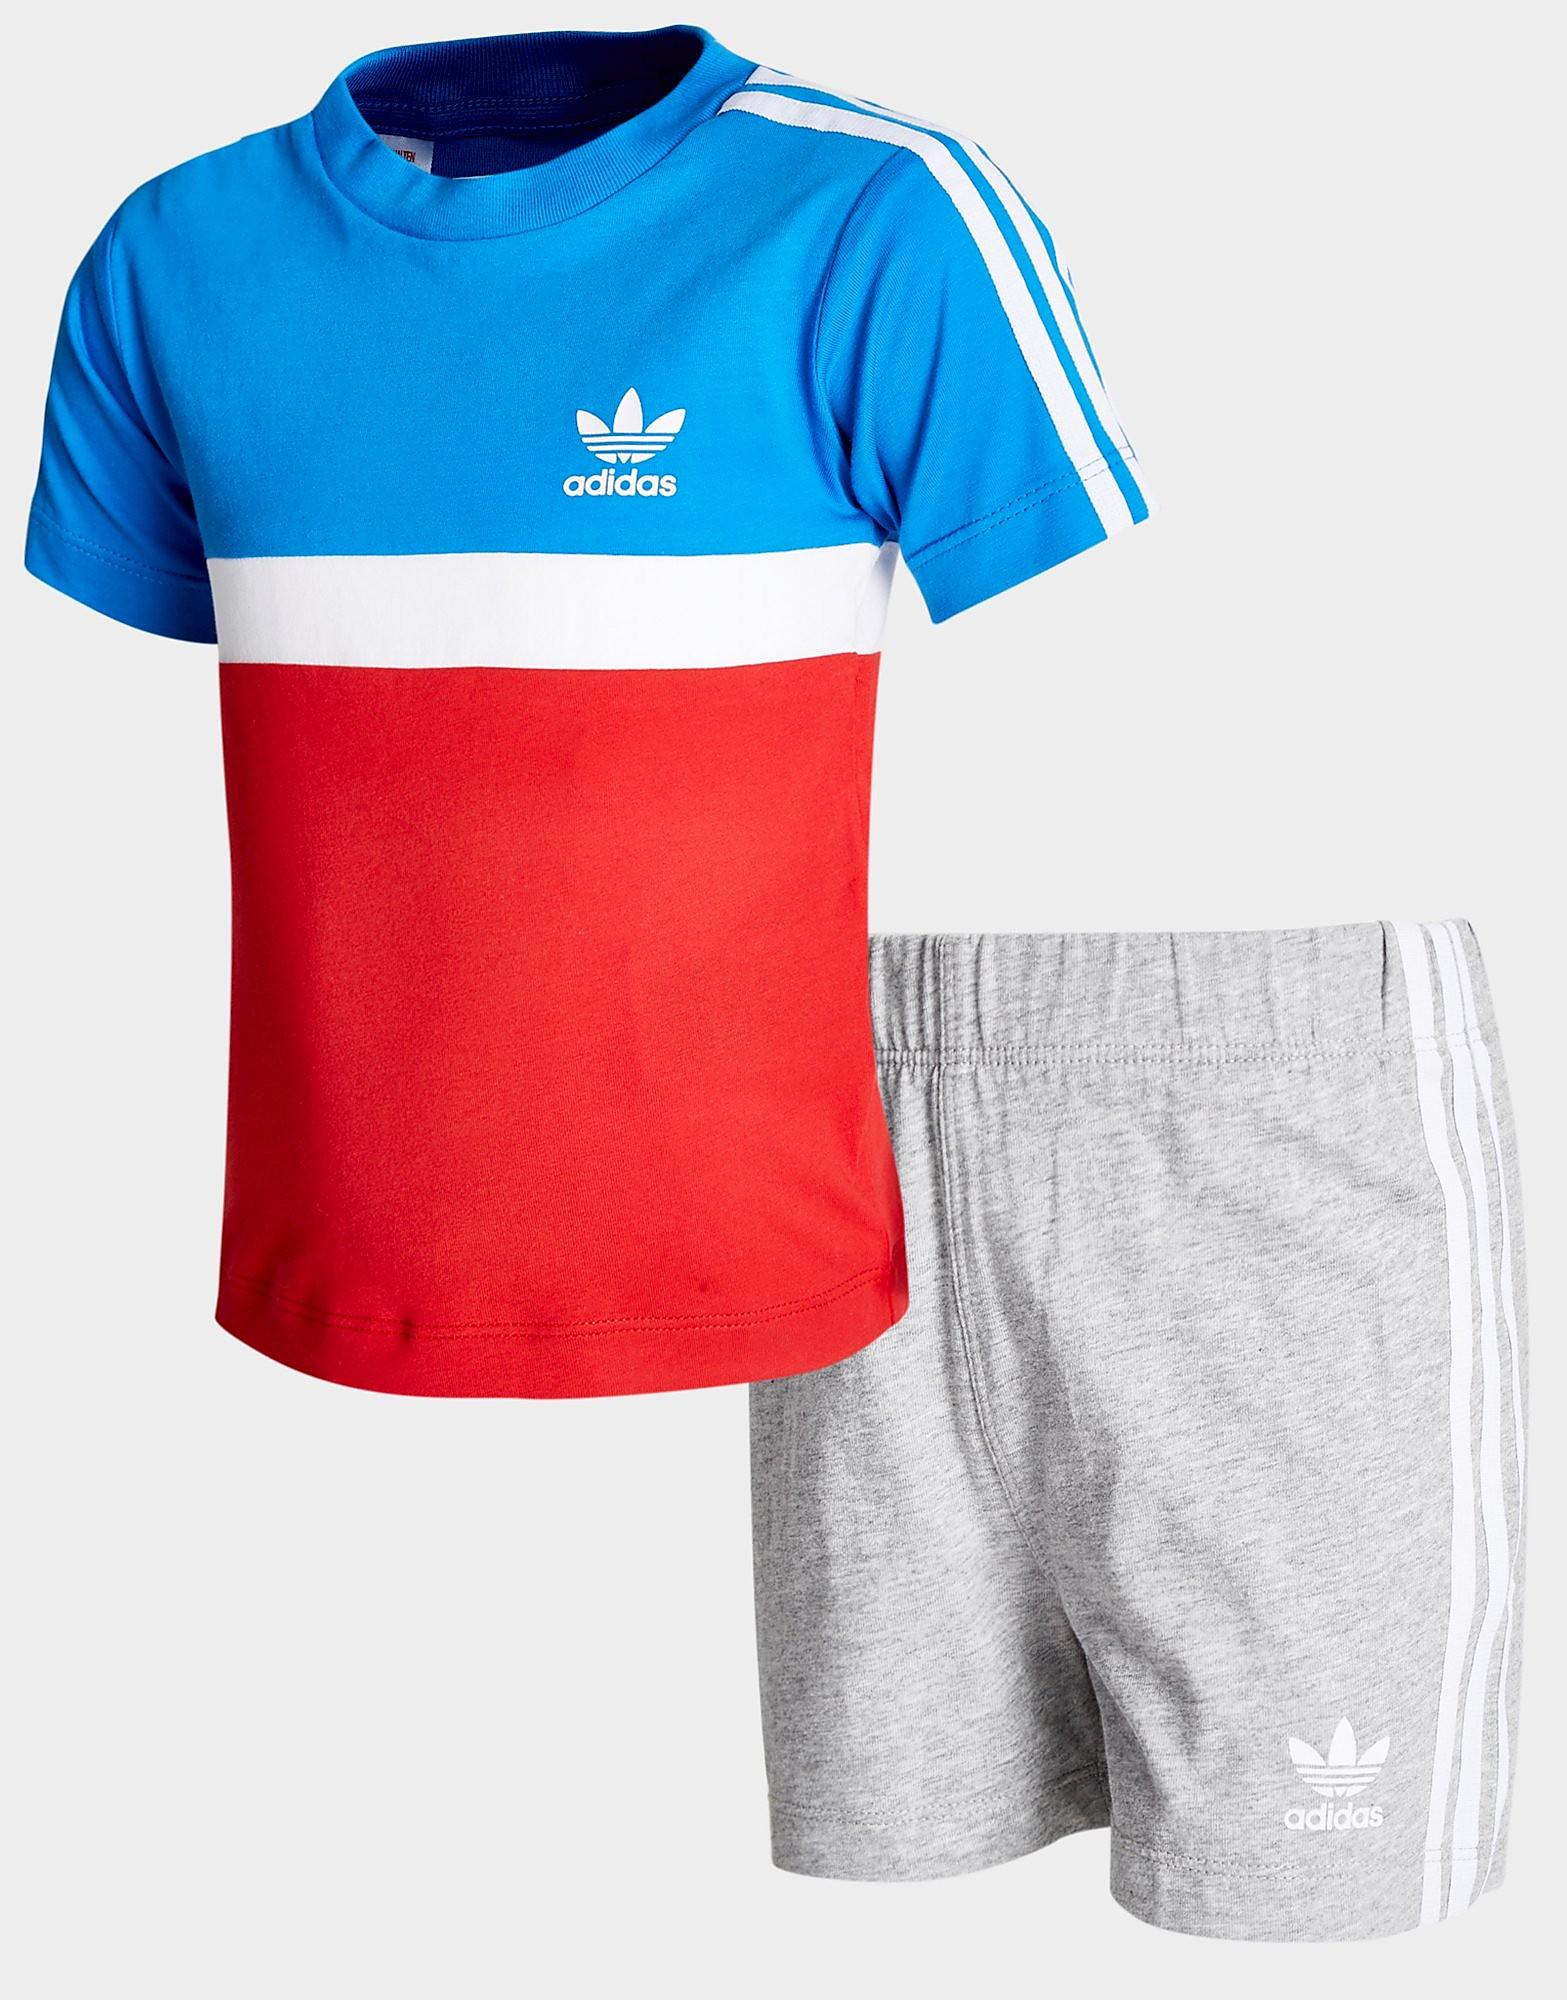 adidas Originals Itasca T-Shirt/Shorts Set Infant